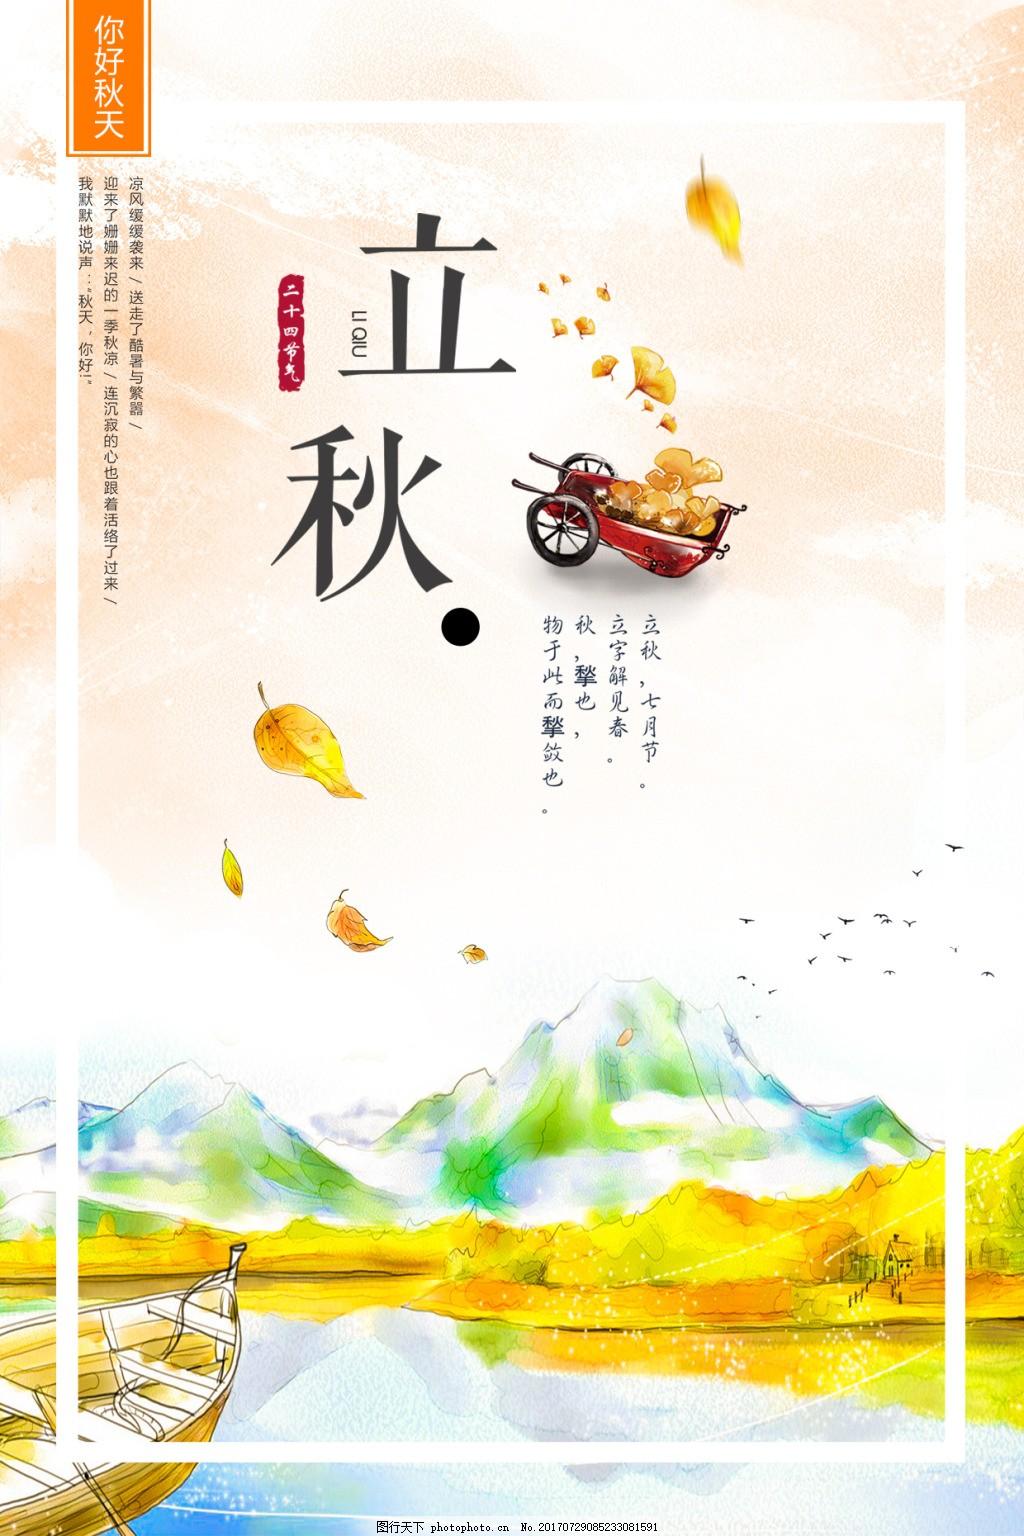 立秋节气节日海报设计 秋天背景 秋天海报 黄色背景海报 立秋海报